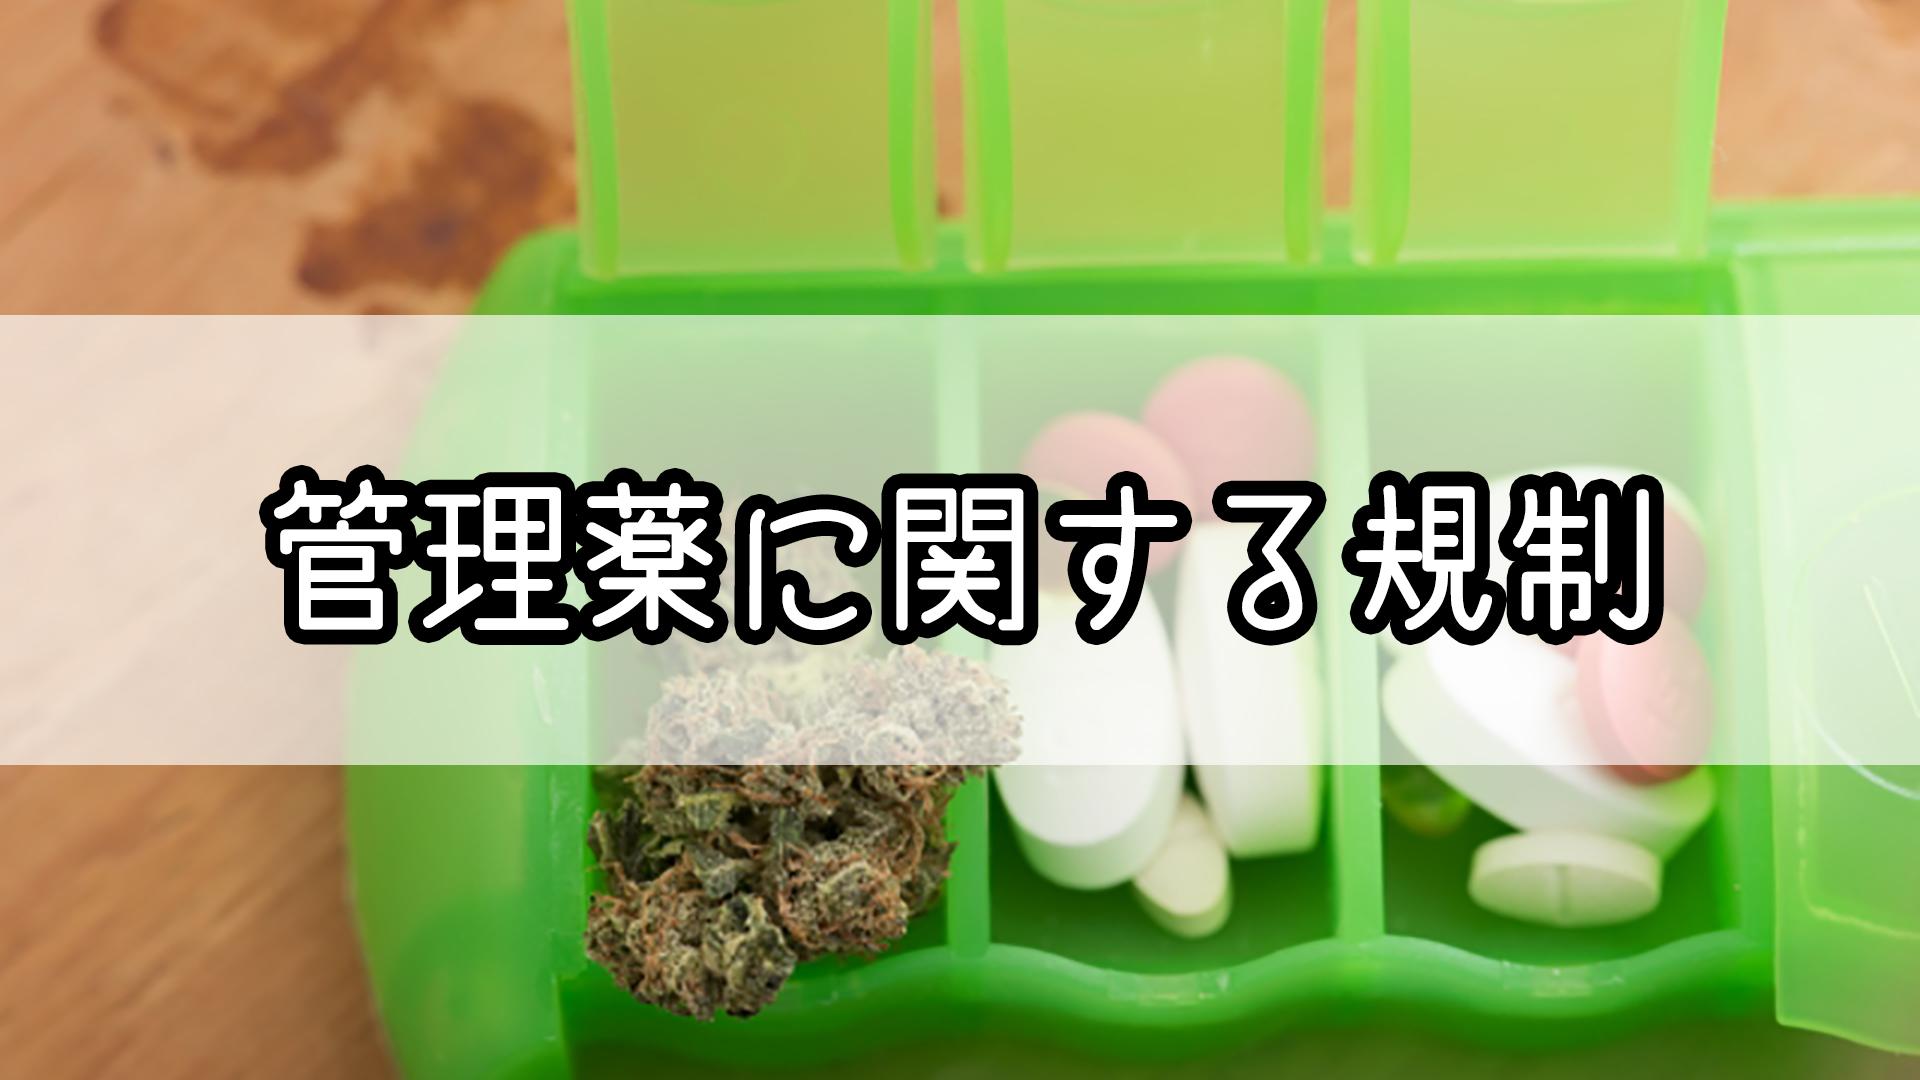 『管理薬に関する規制』のゴロ・覚え方